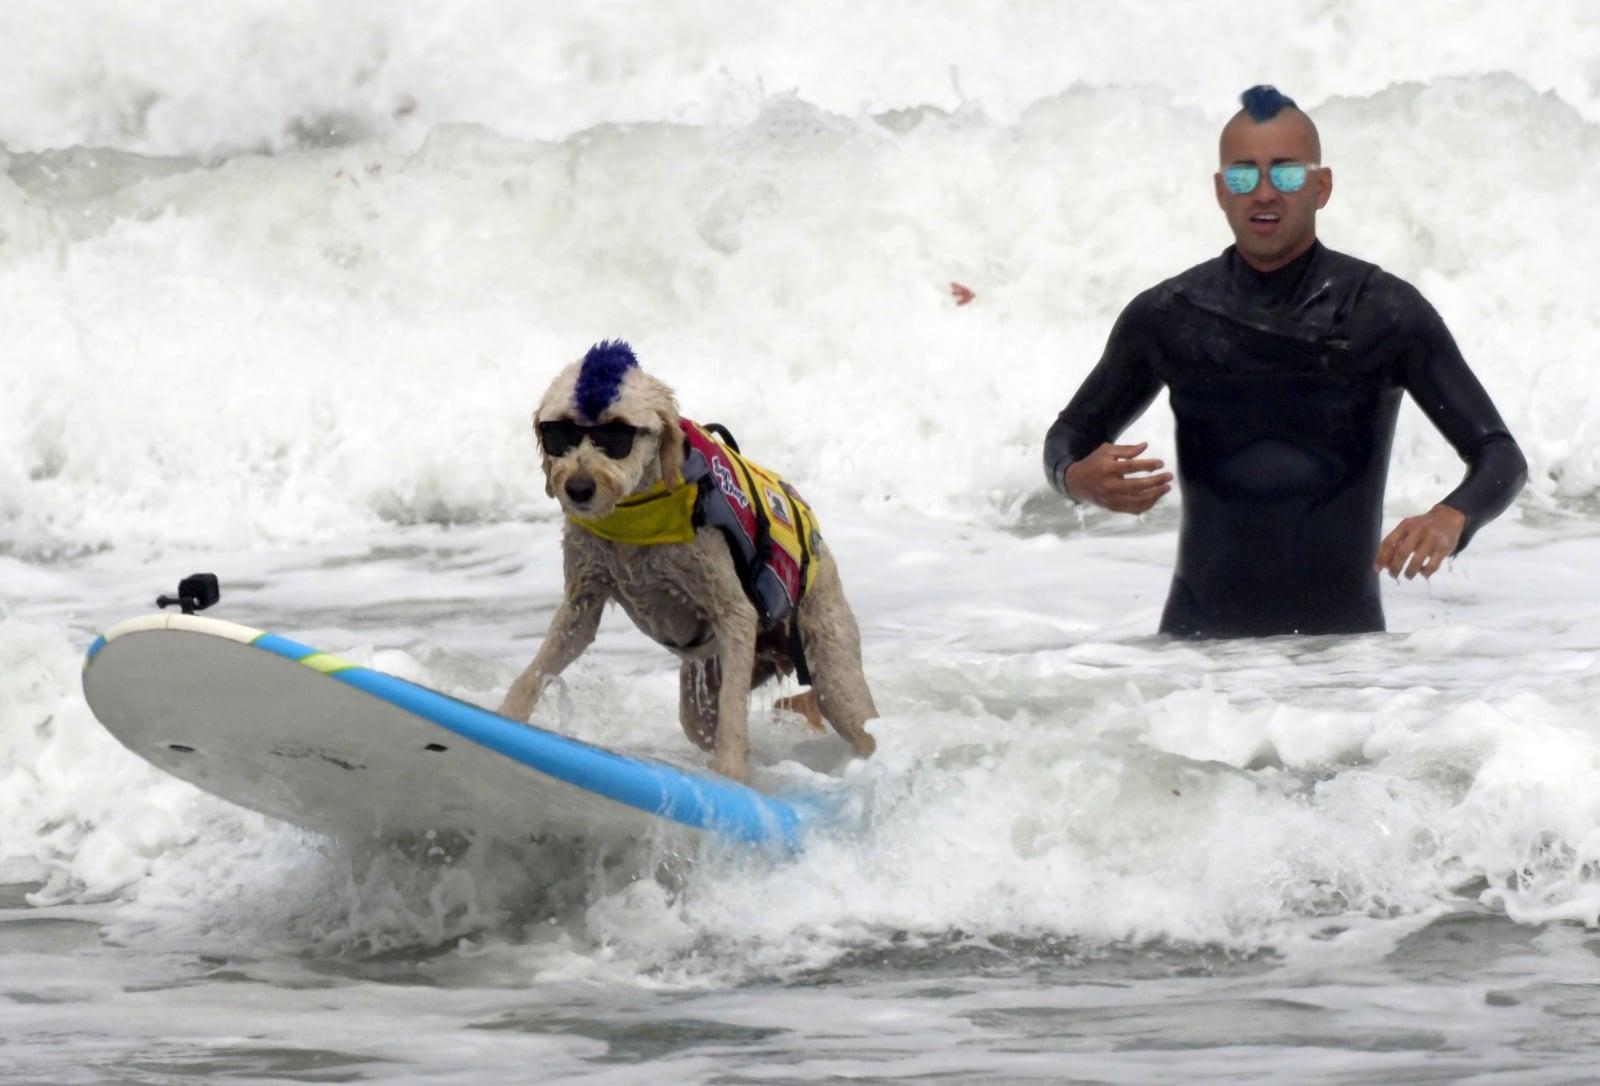 Mistrzostwa świata psów w surfowaniu na desce, Kalifornia, fot. EPA/JOHN G. MABANGLO